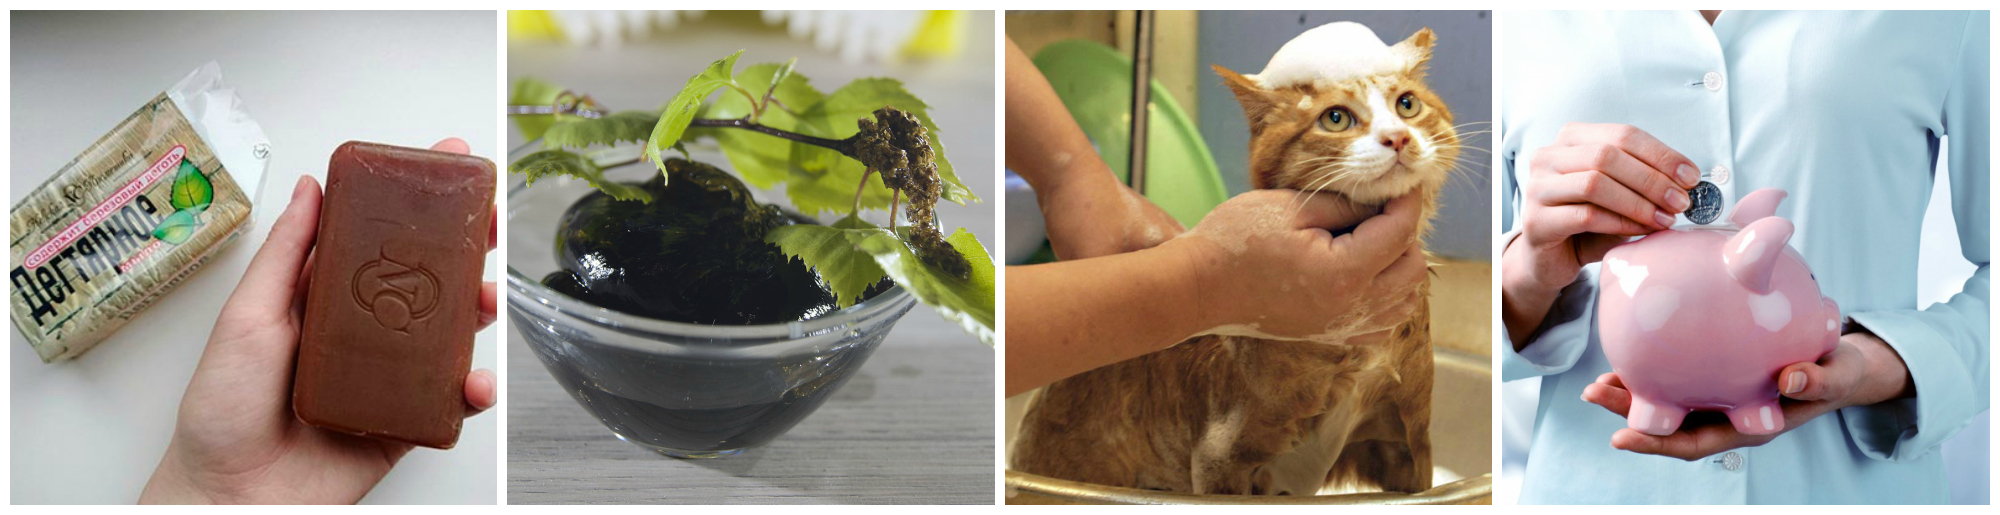 Как быстро и эффективно избавить кошку от блох с помощью народных методов